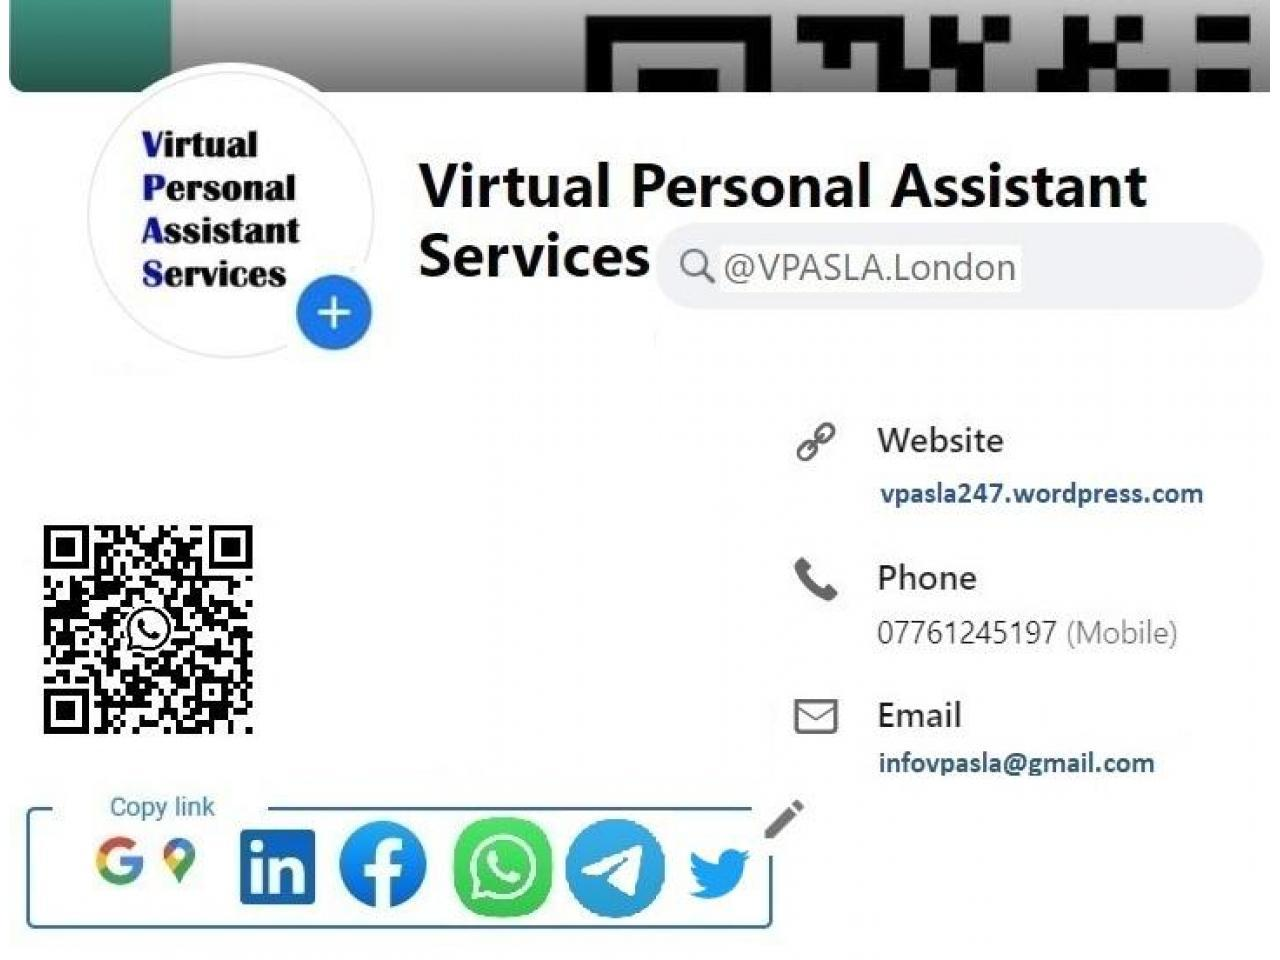 Секретарь/Помощник/Ассистент -  по личным делам, для занятых лиц, по бизнесу. - 1